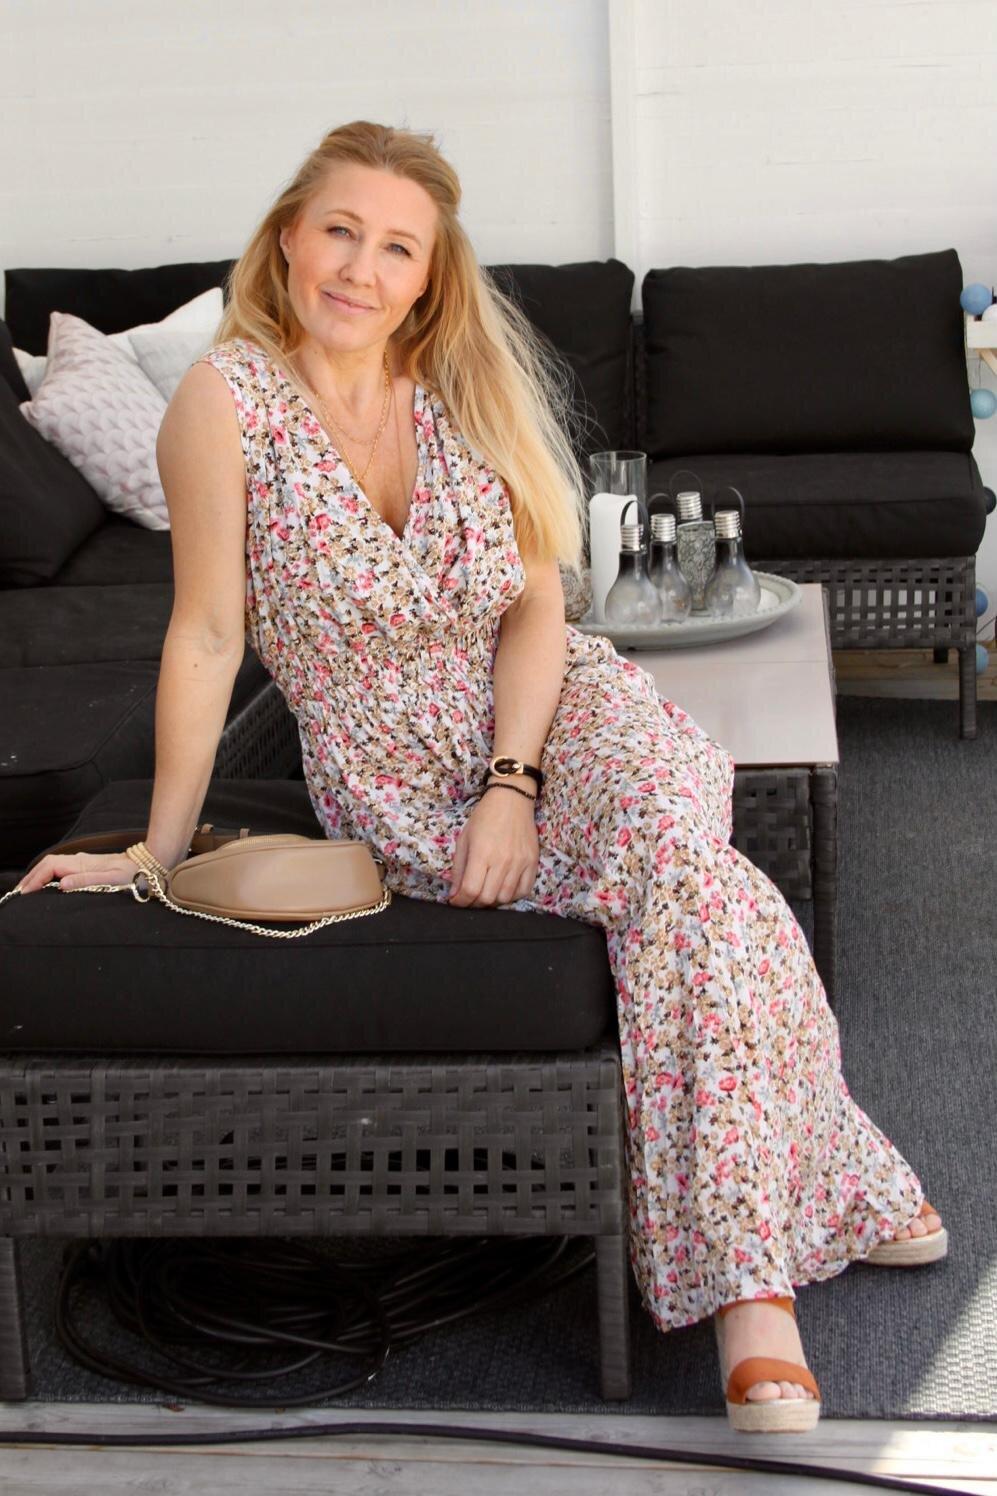 Noelle kjole - Blomstermønster - Krem